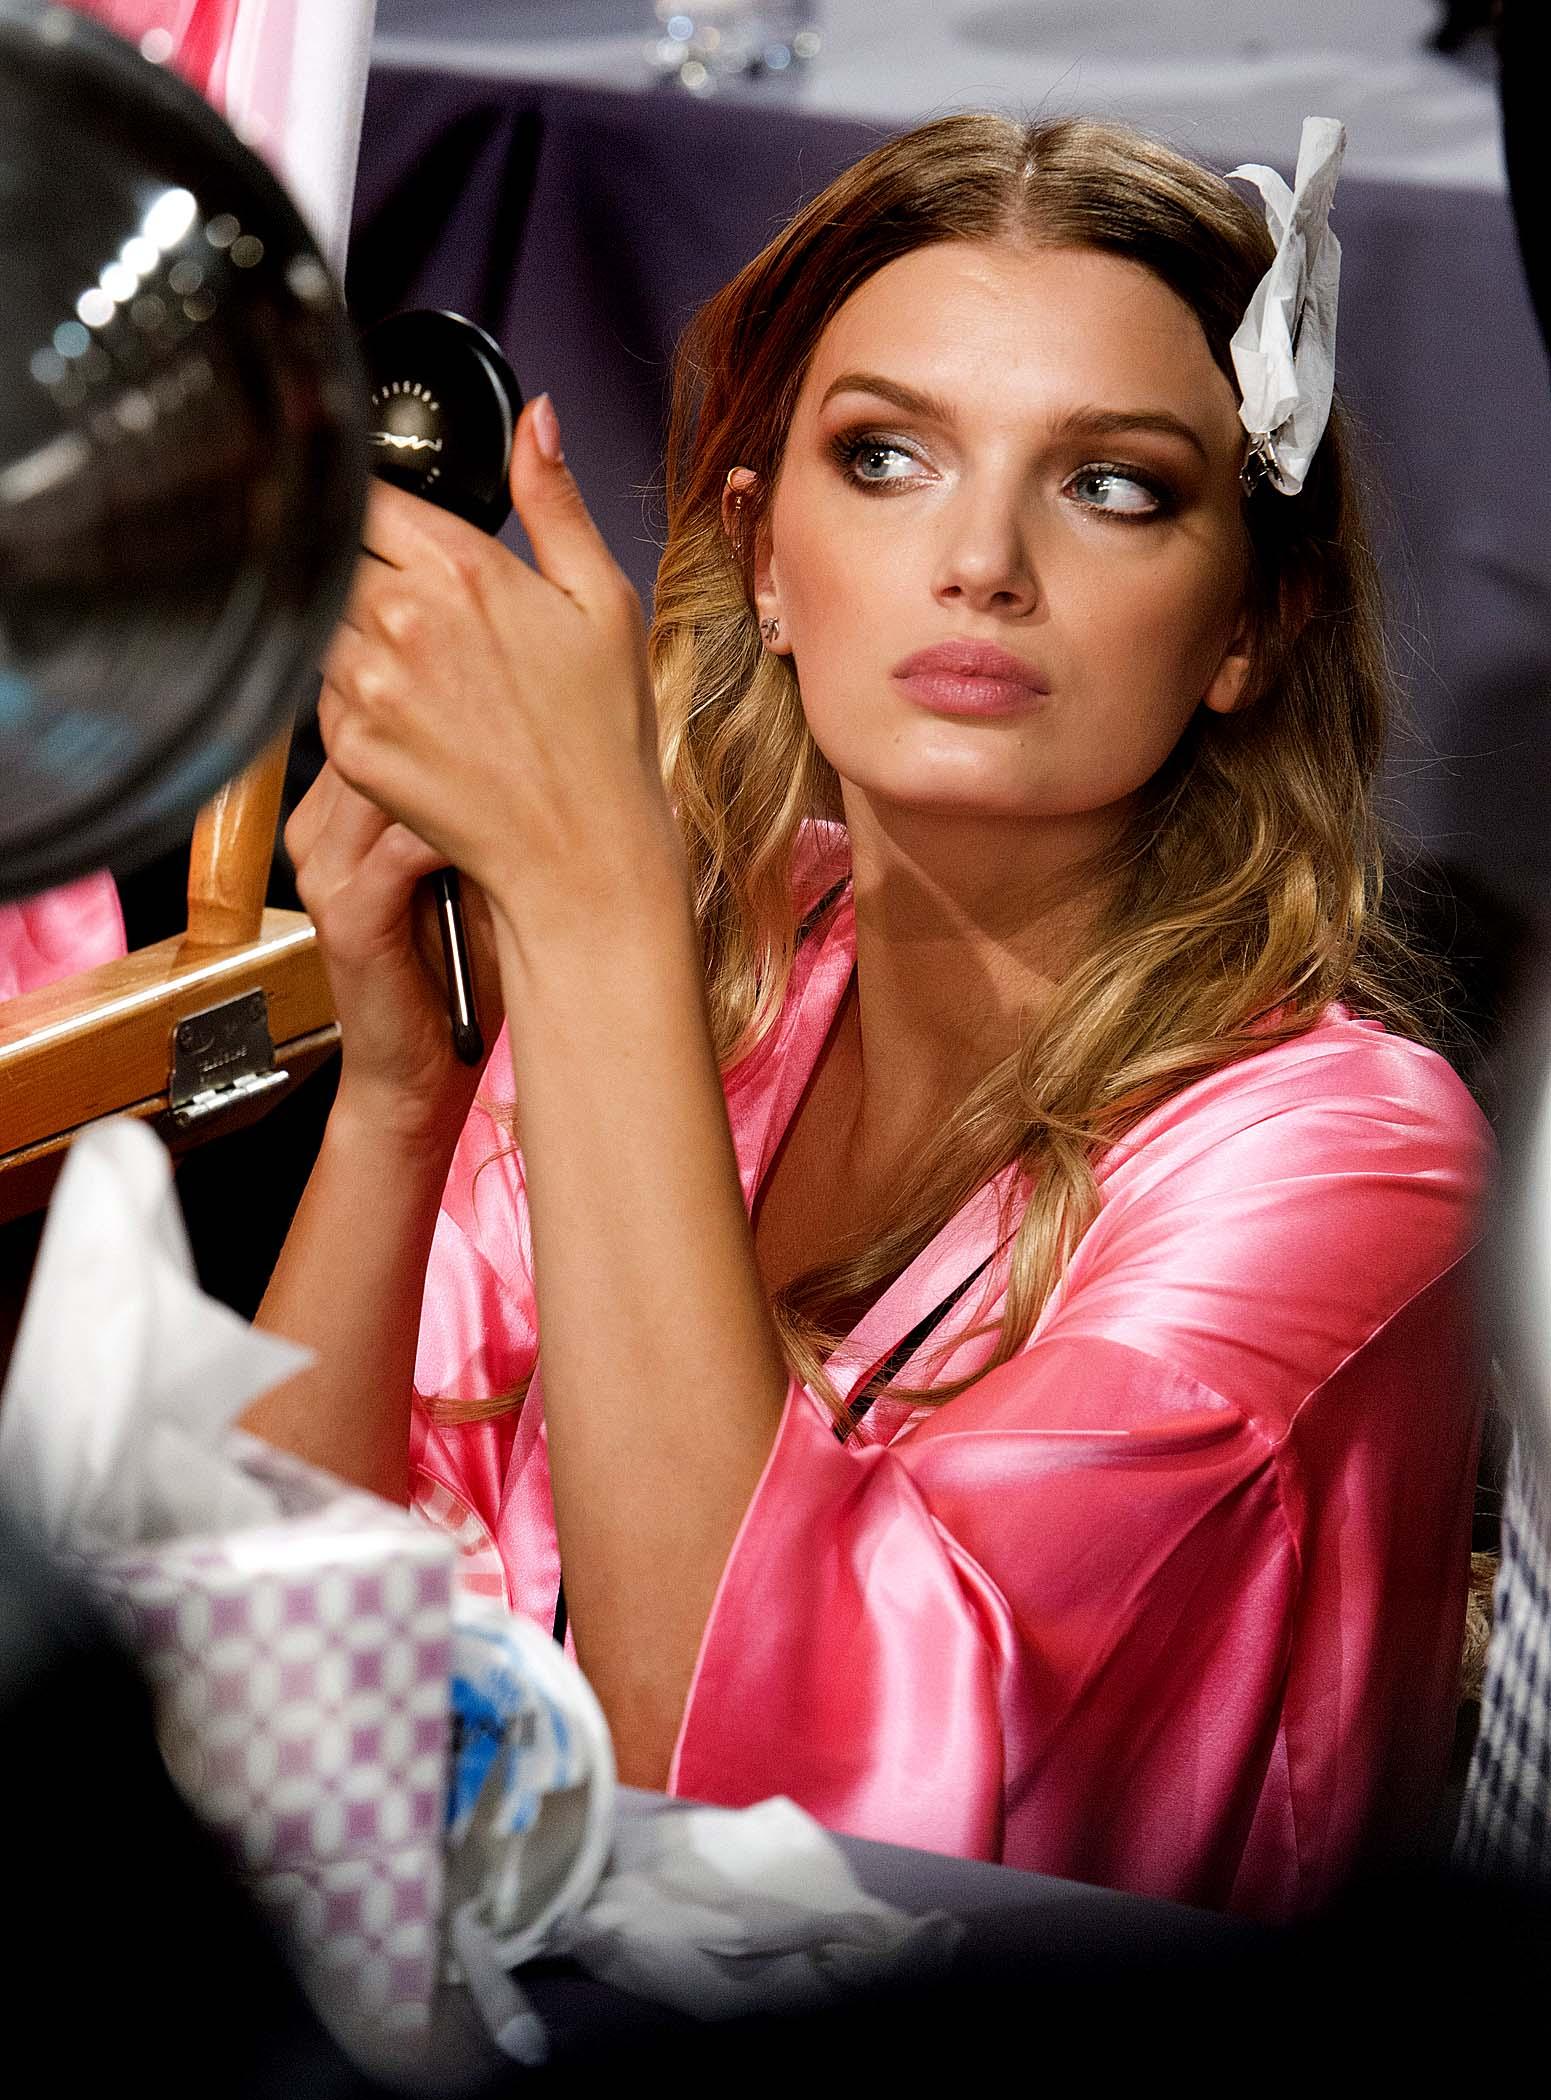 Få looket til Victoria's Secret engle